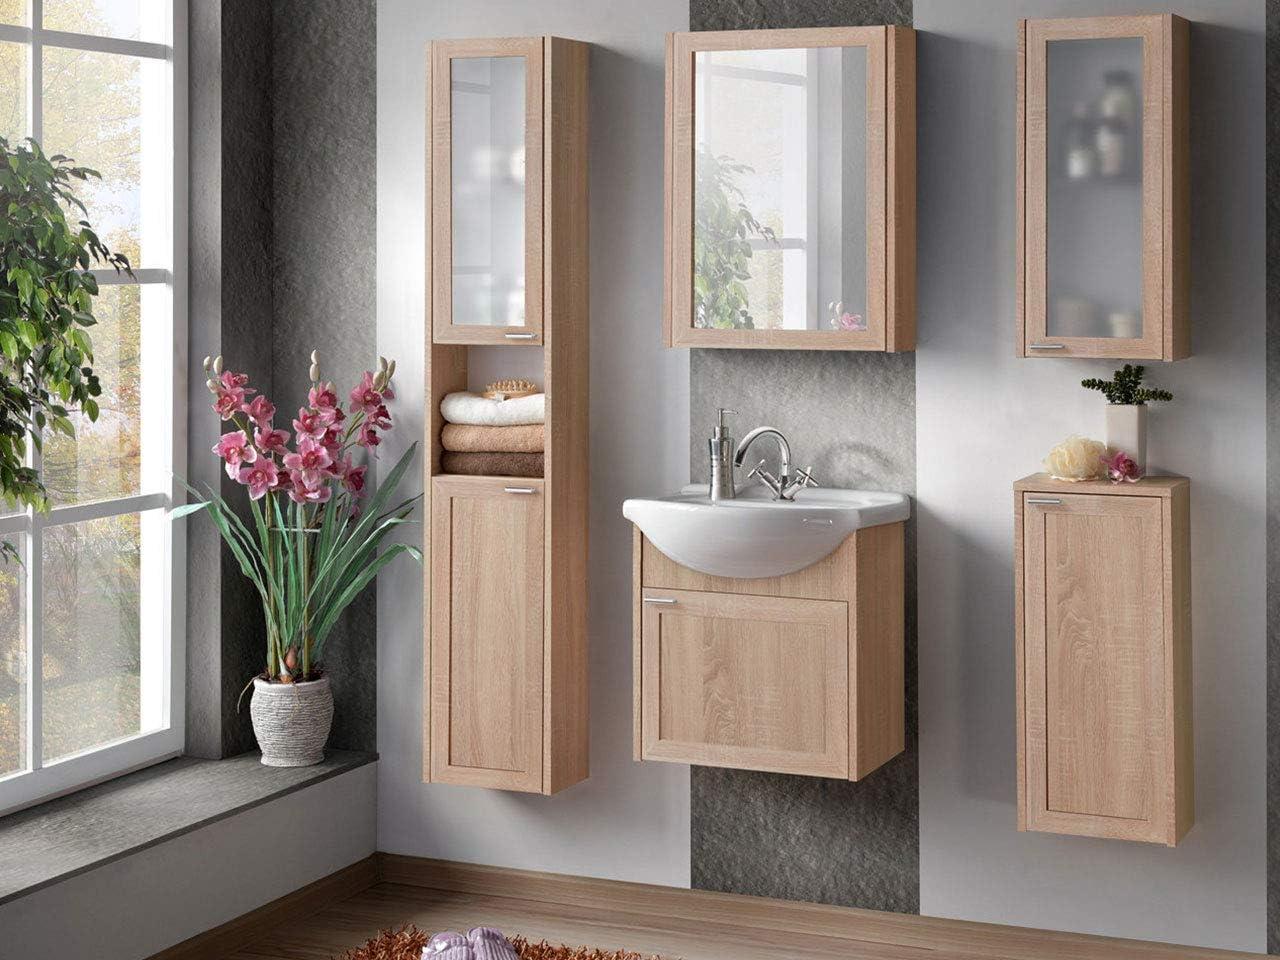 Praktische Badezimmermöbel Sonoma Eiche Hängeschrank ...